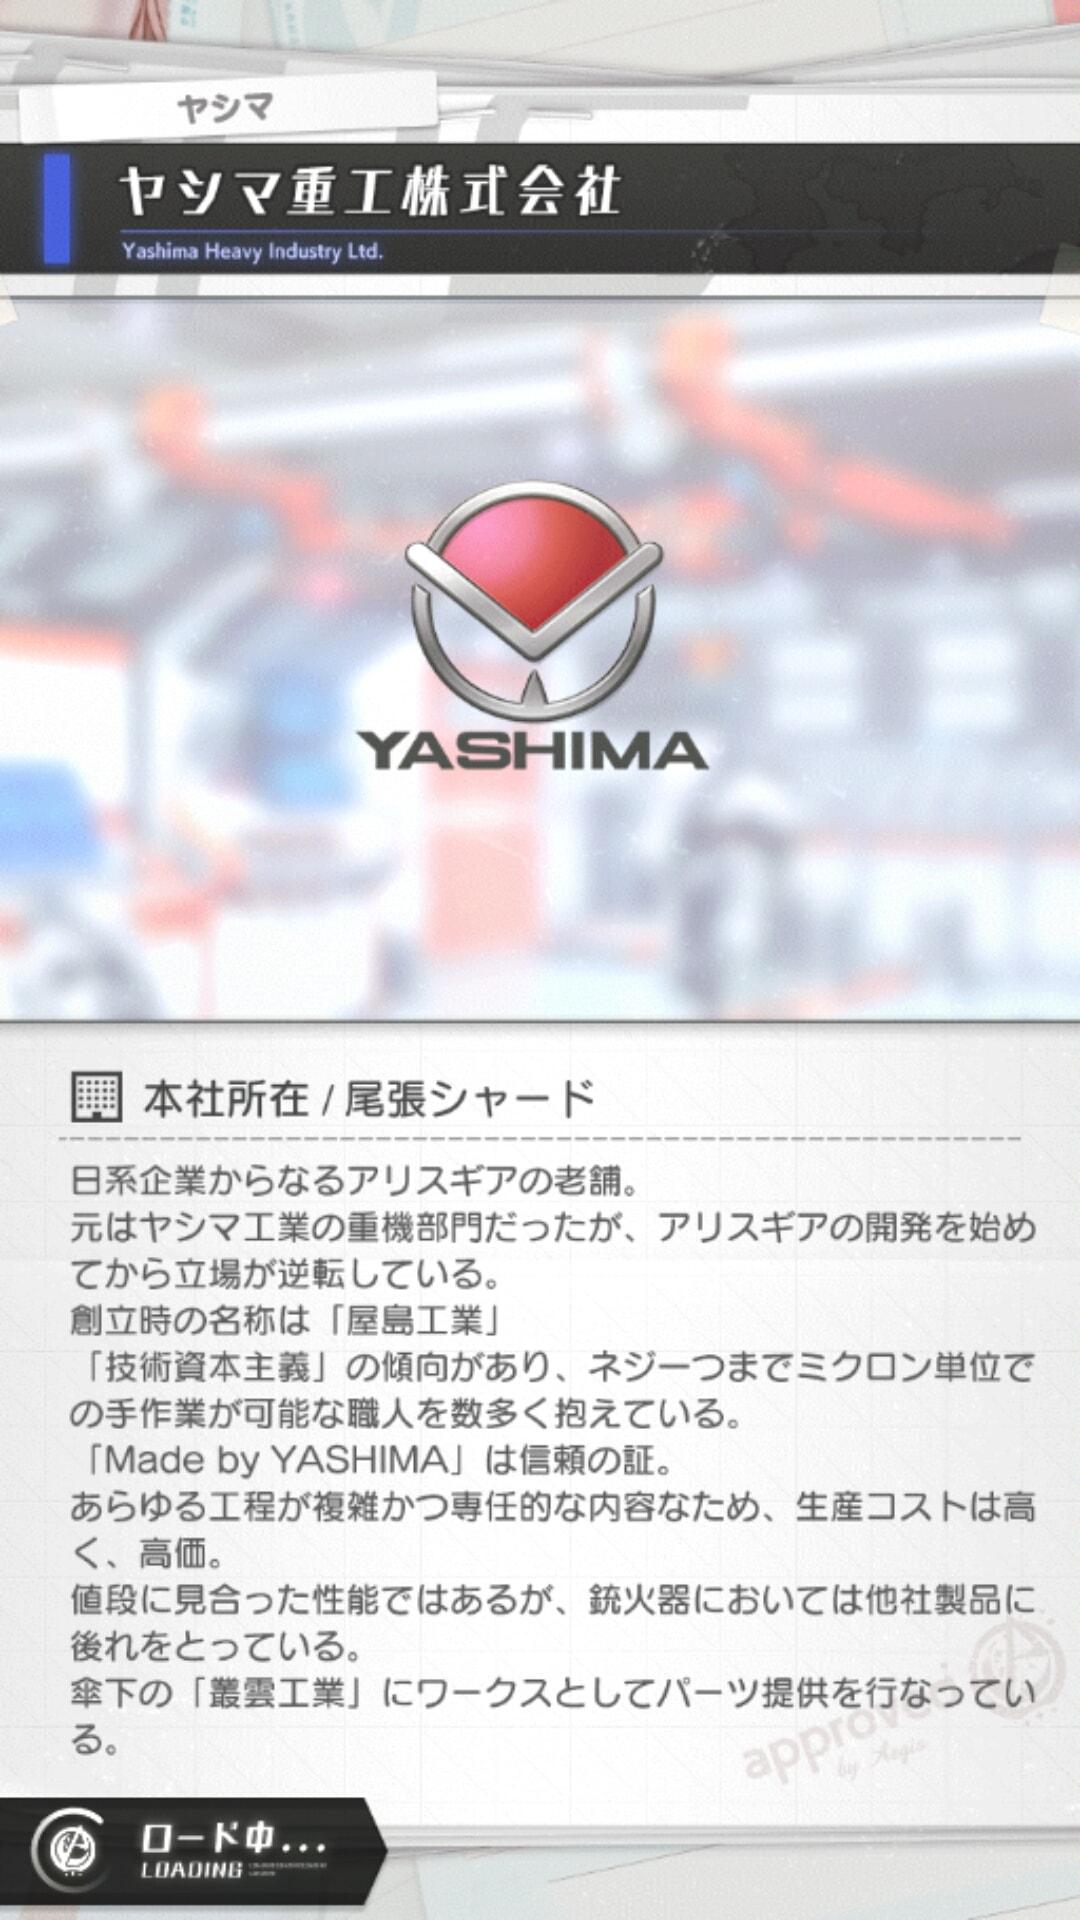 ヤシマ重工株式会社.jpg